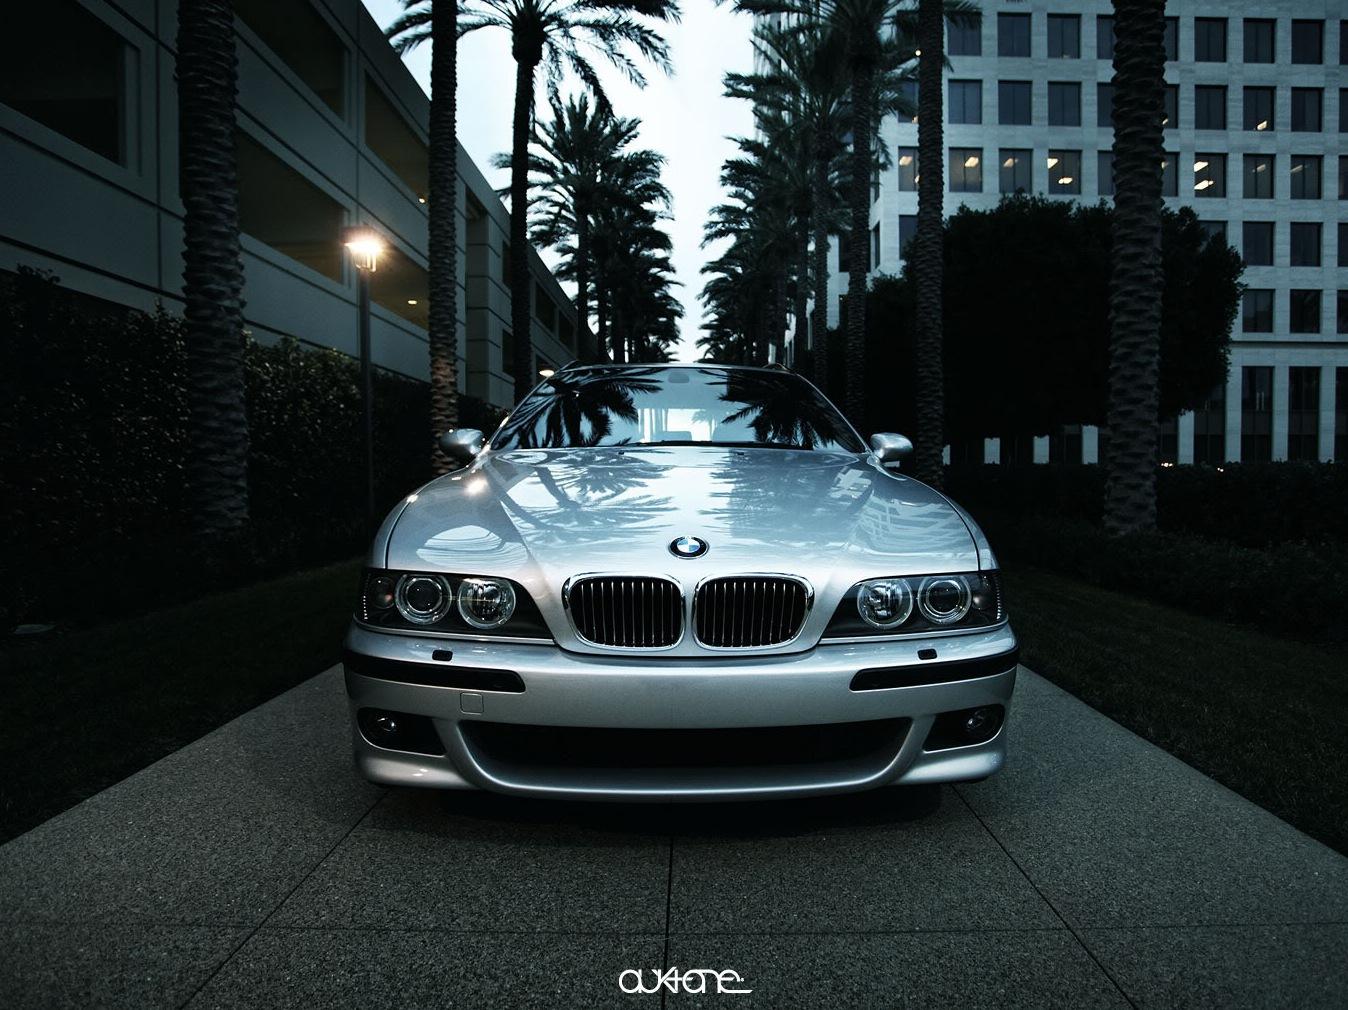 Социальное мнение (опрос) — бортжурнал BMW M5 2001 года на ... Бмв М5 е60 Спидометр